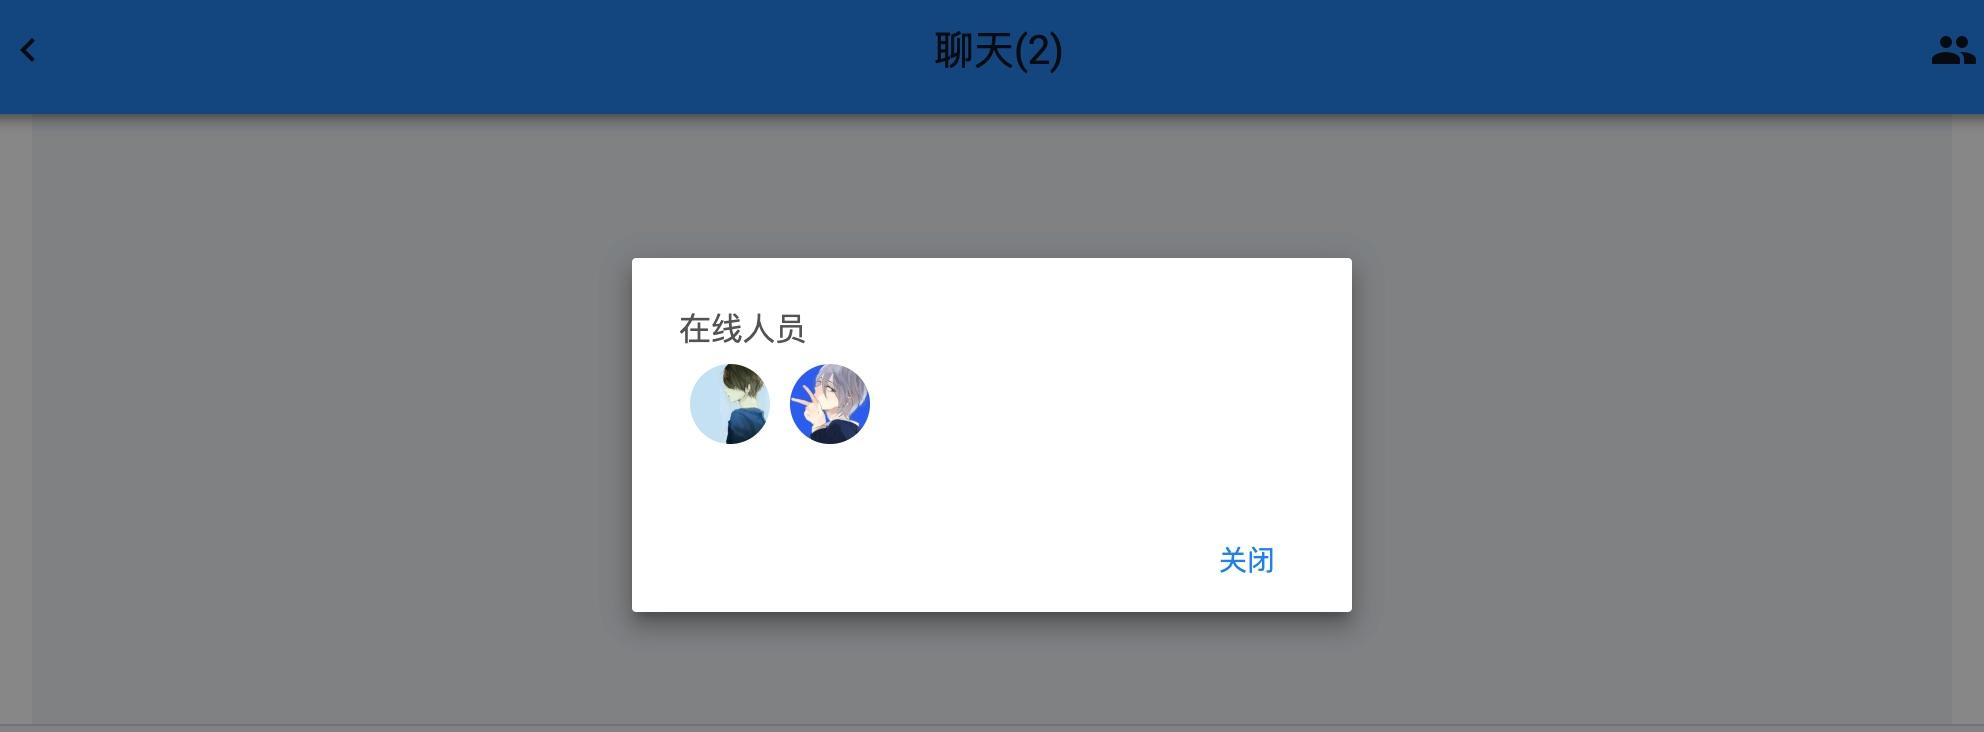 聊天室房间1用户数变化-Chrome